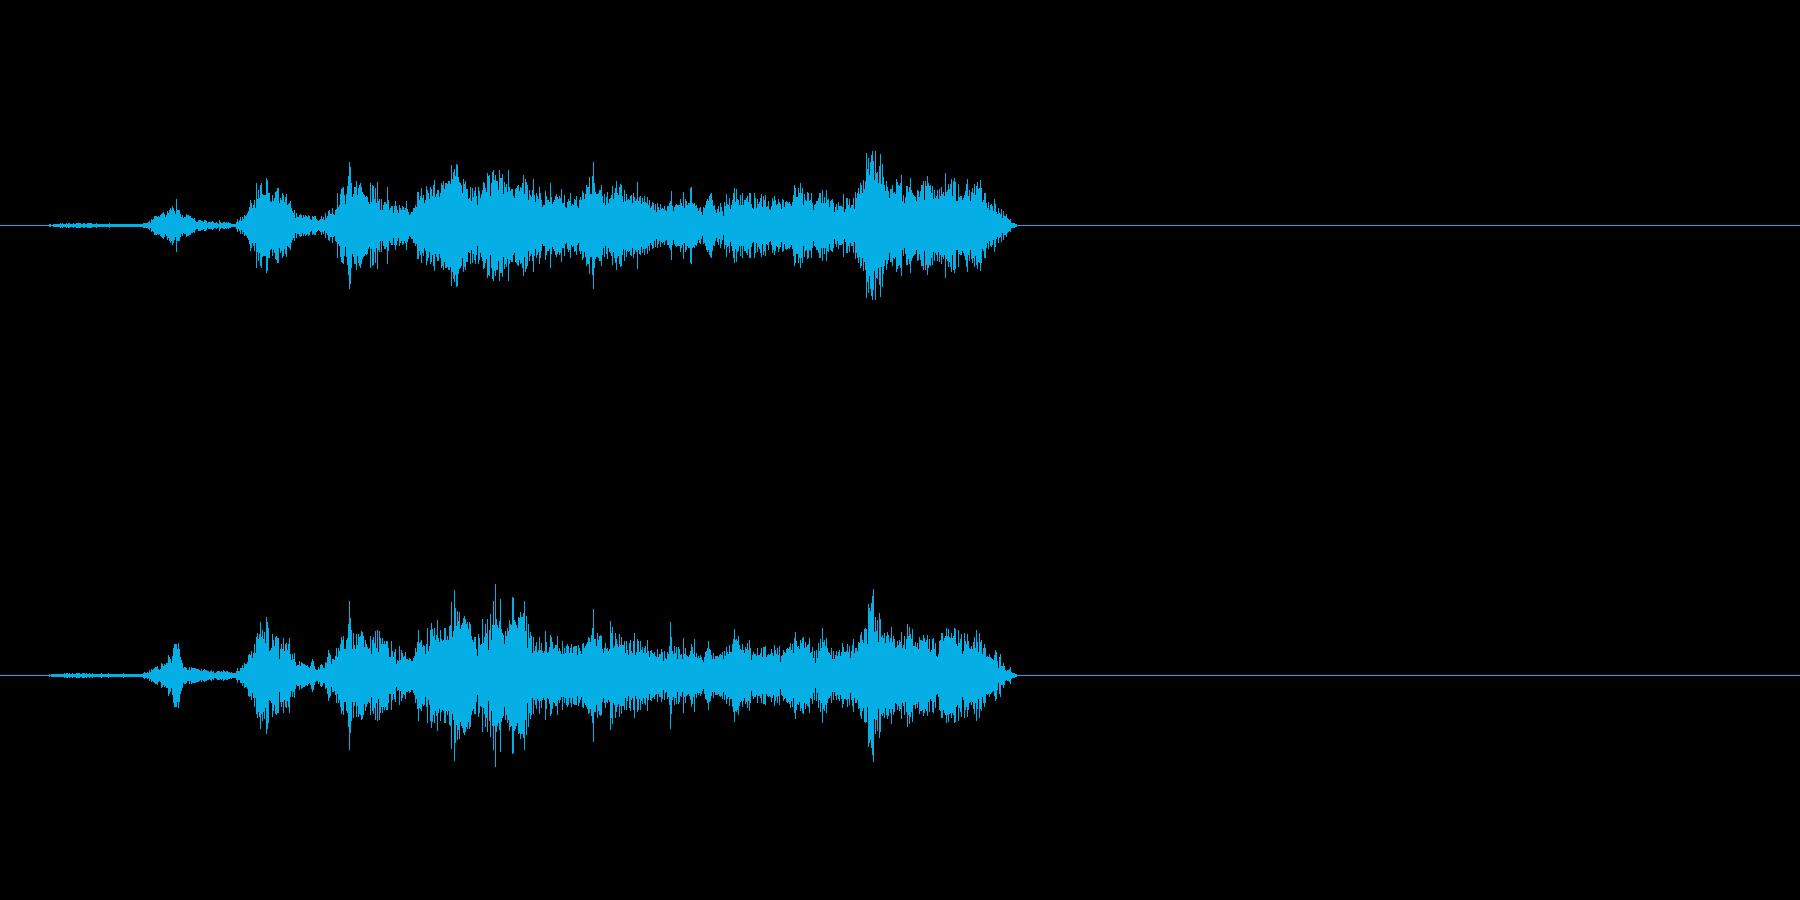 生音 三味線 コスリ 揺らしながらダウンの再生済みの波形